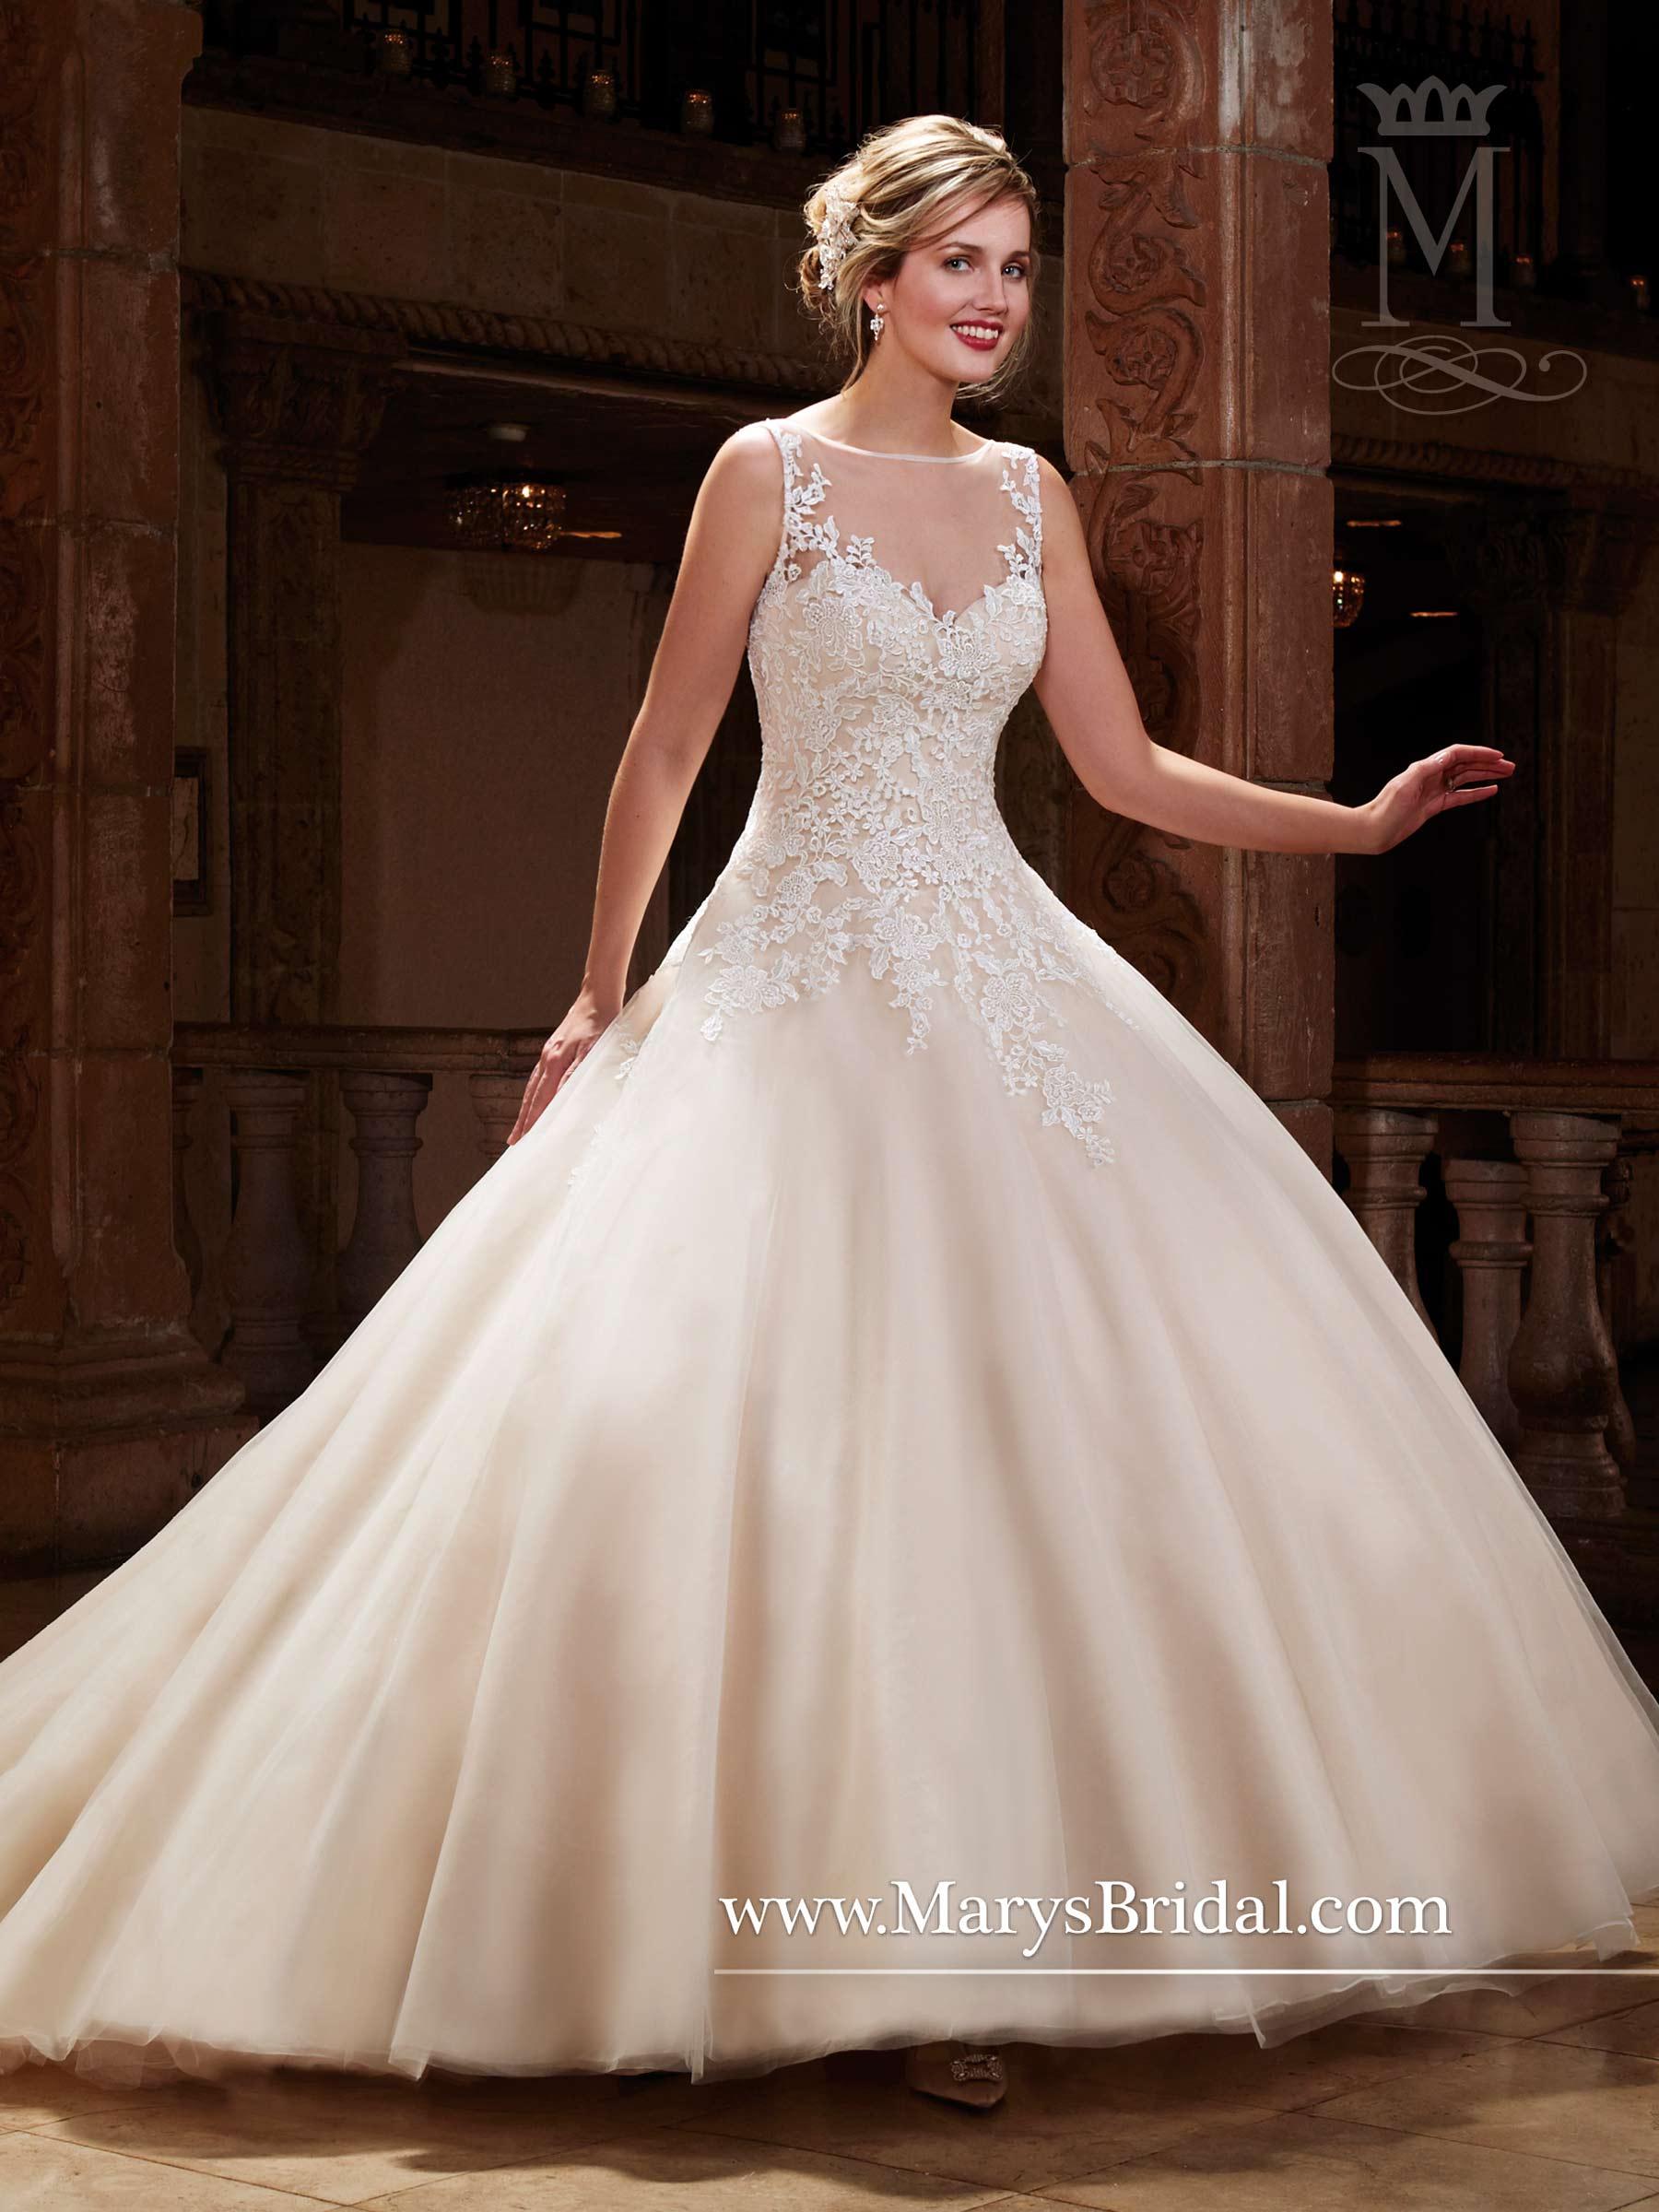 6391-marys bridal